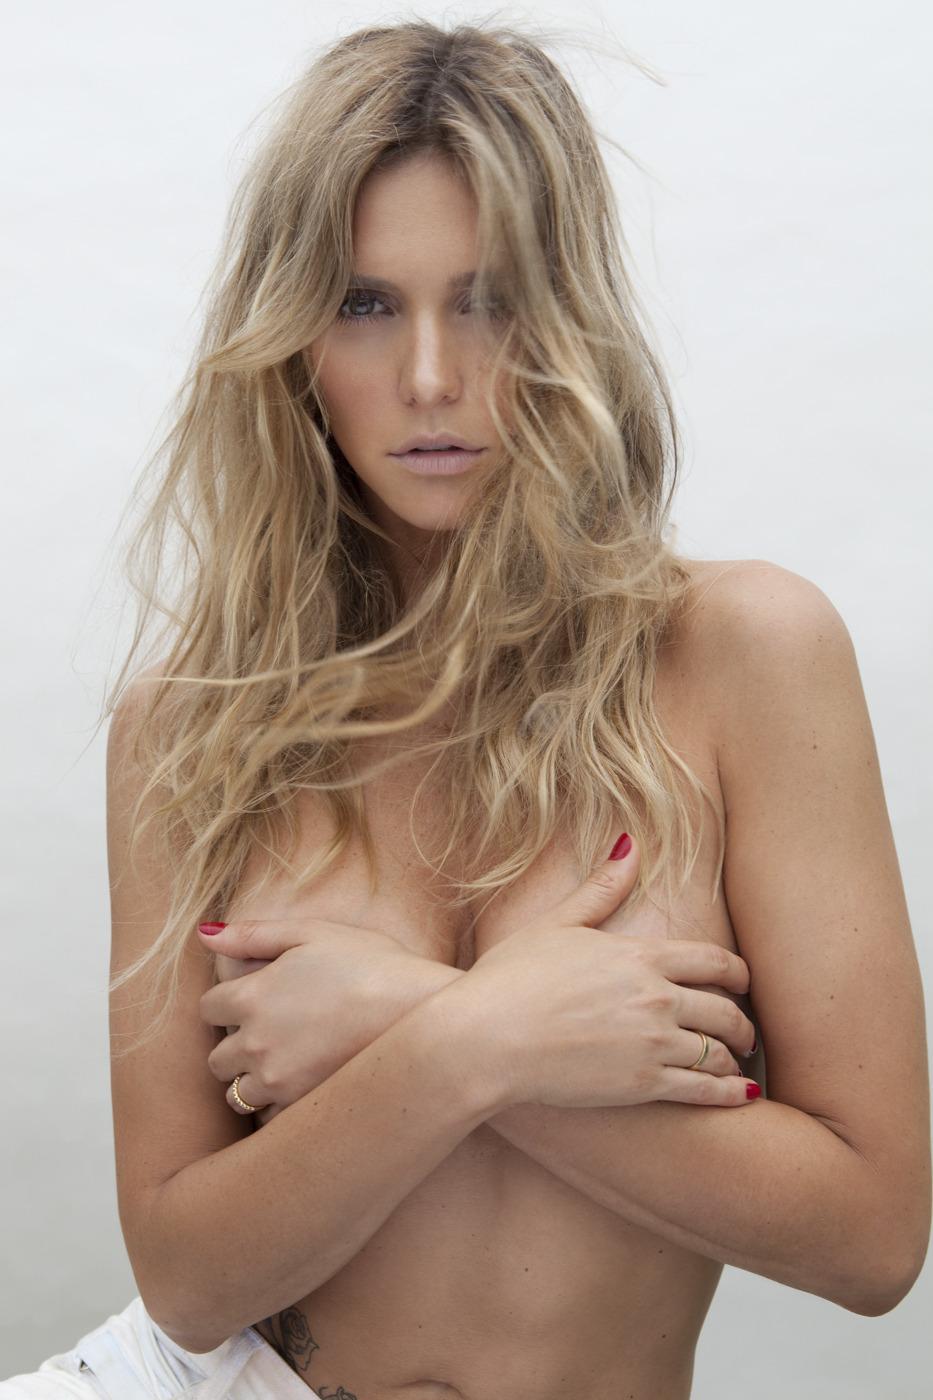 Фернанда лима ведущая фото голая двойной трах